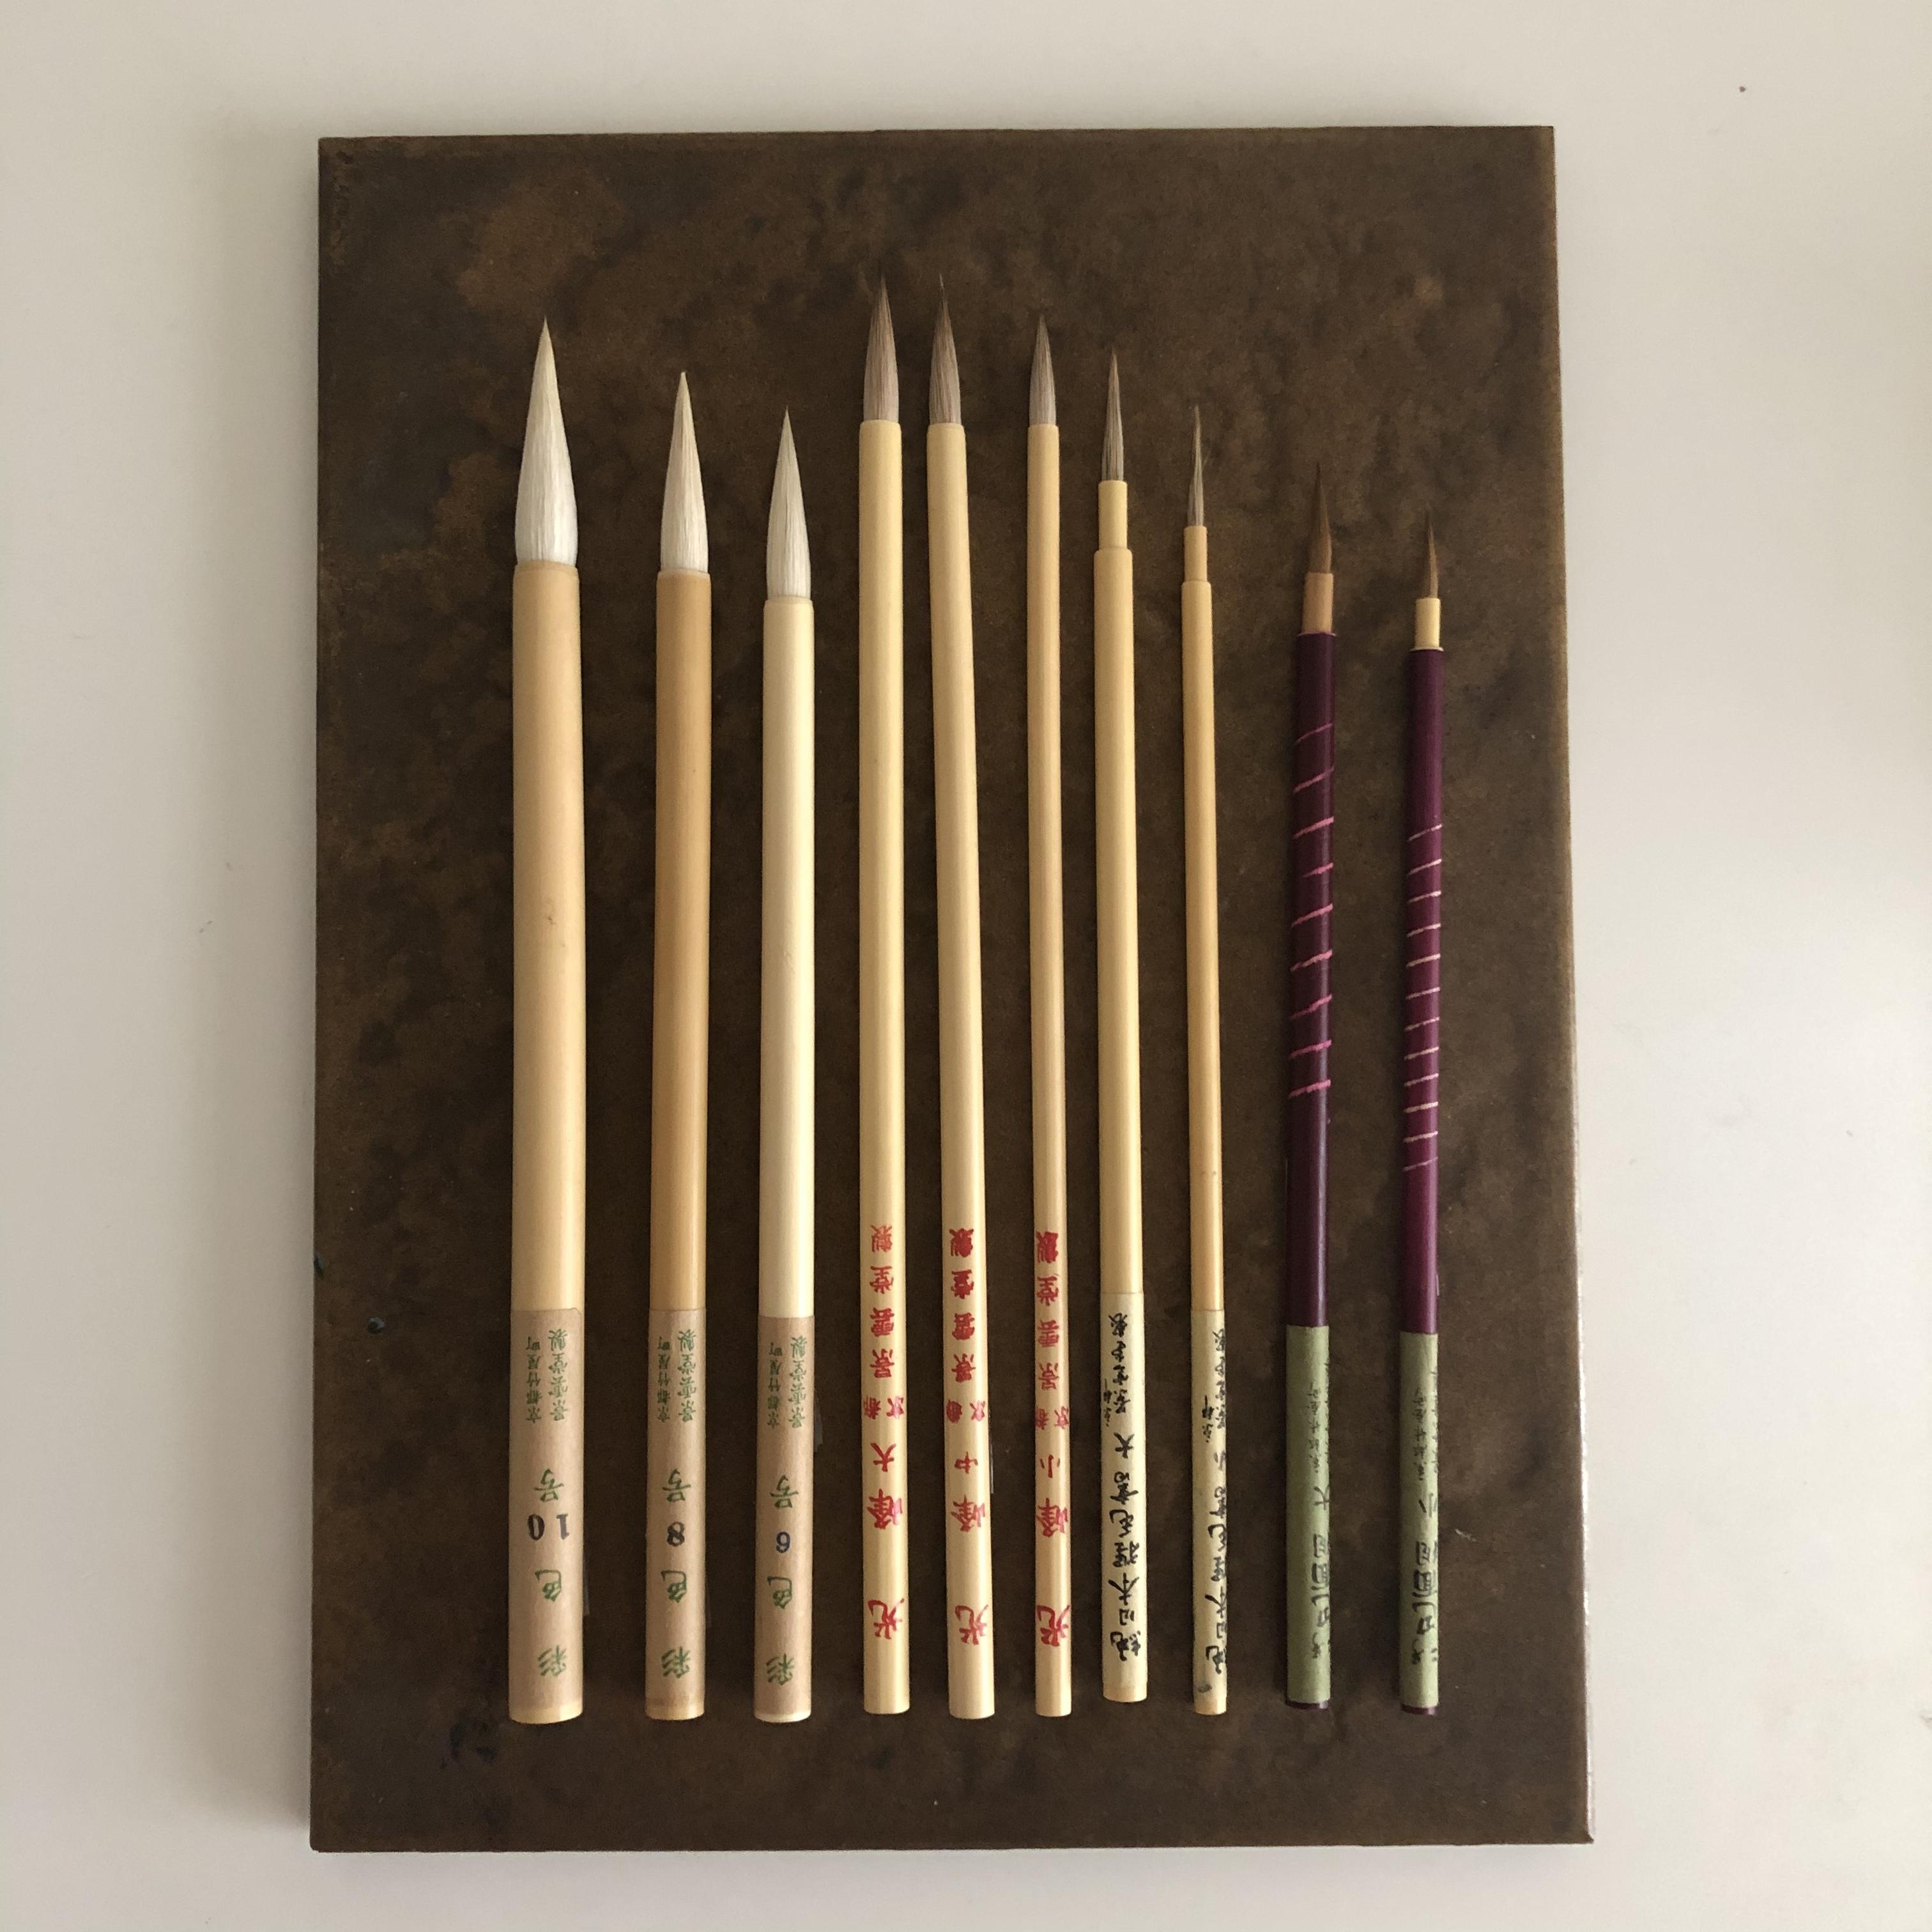 京都景雲堂ラスト1セット 日本の水彩筆 豪華10本セット2021年版その3